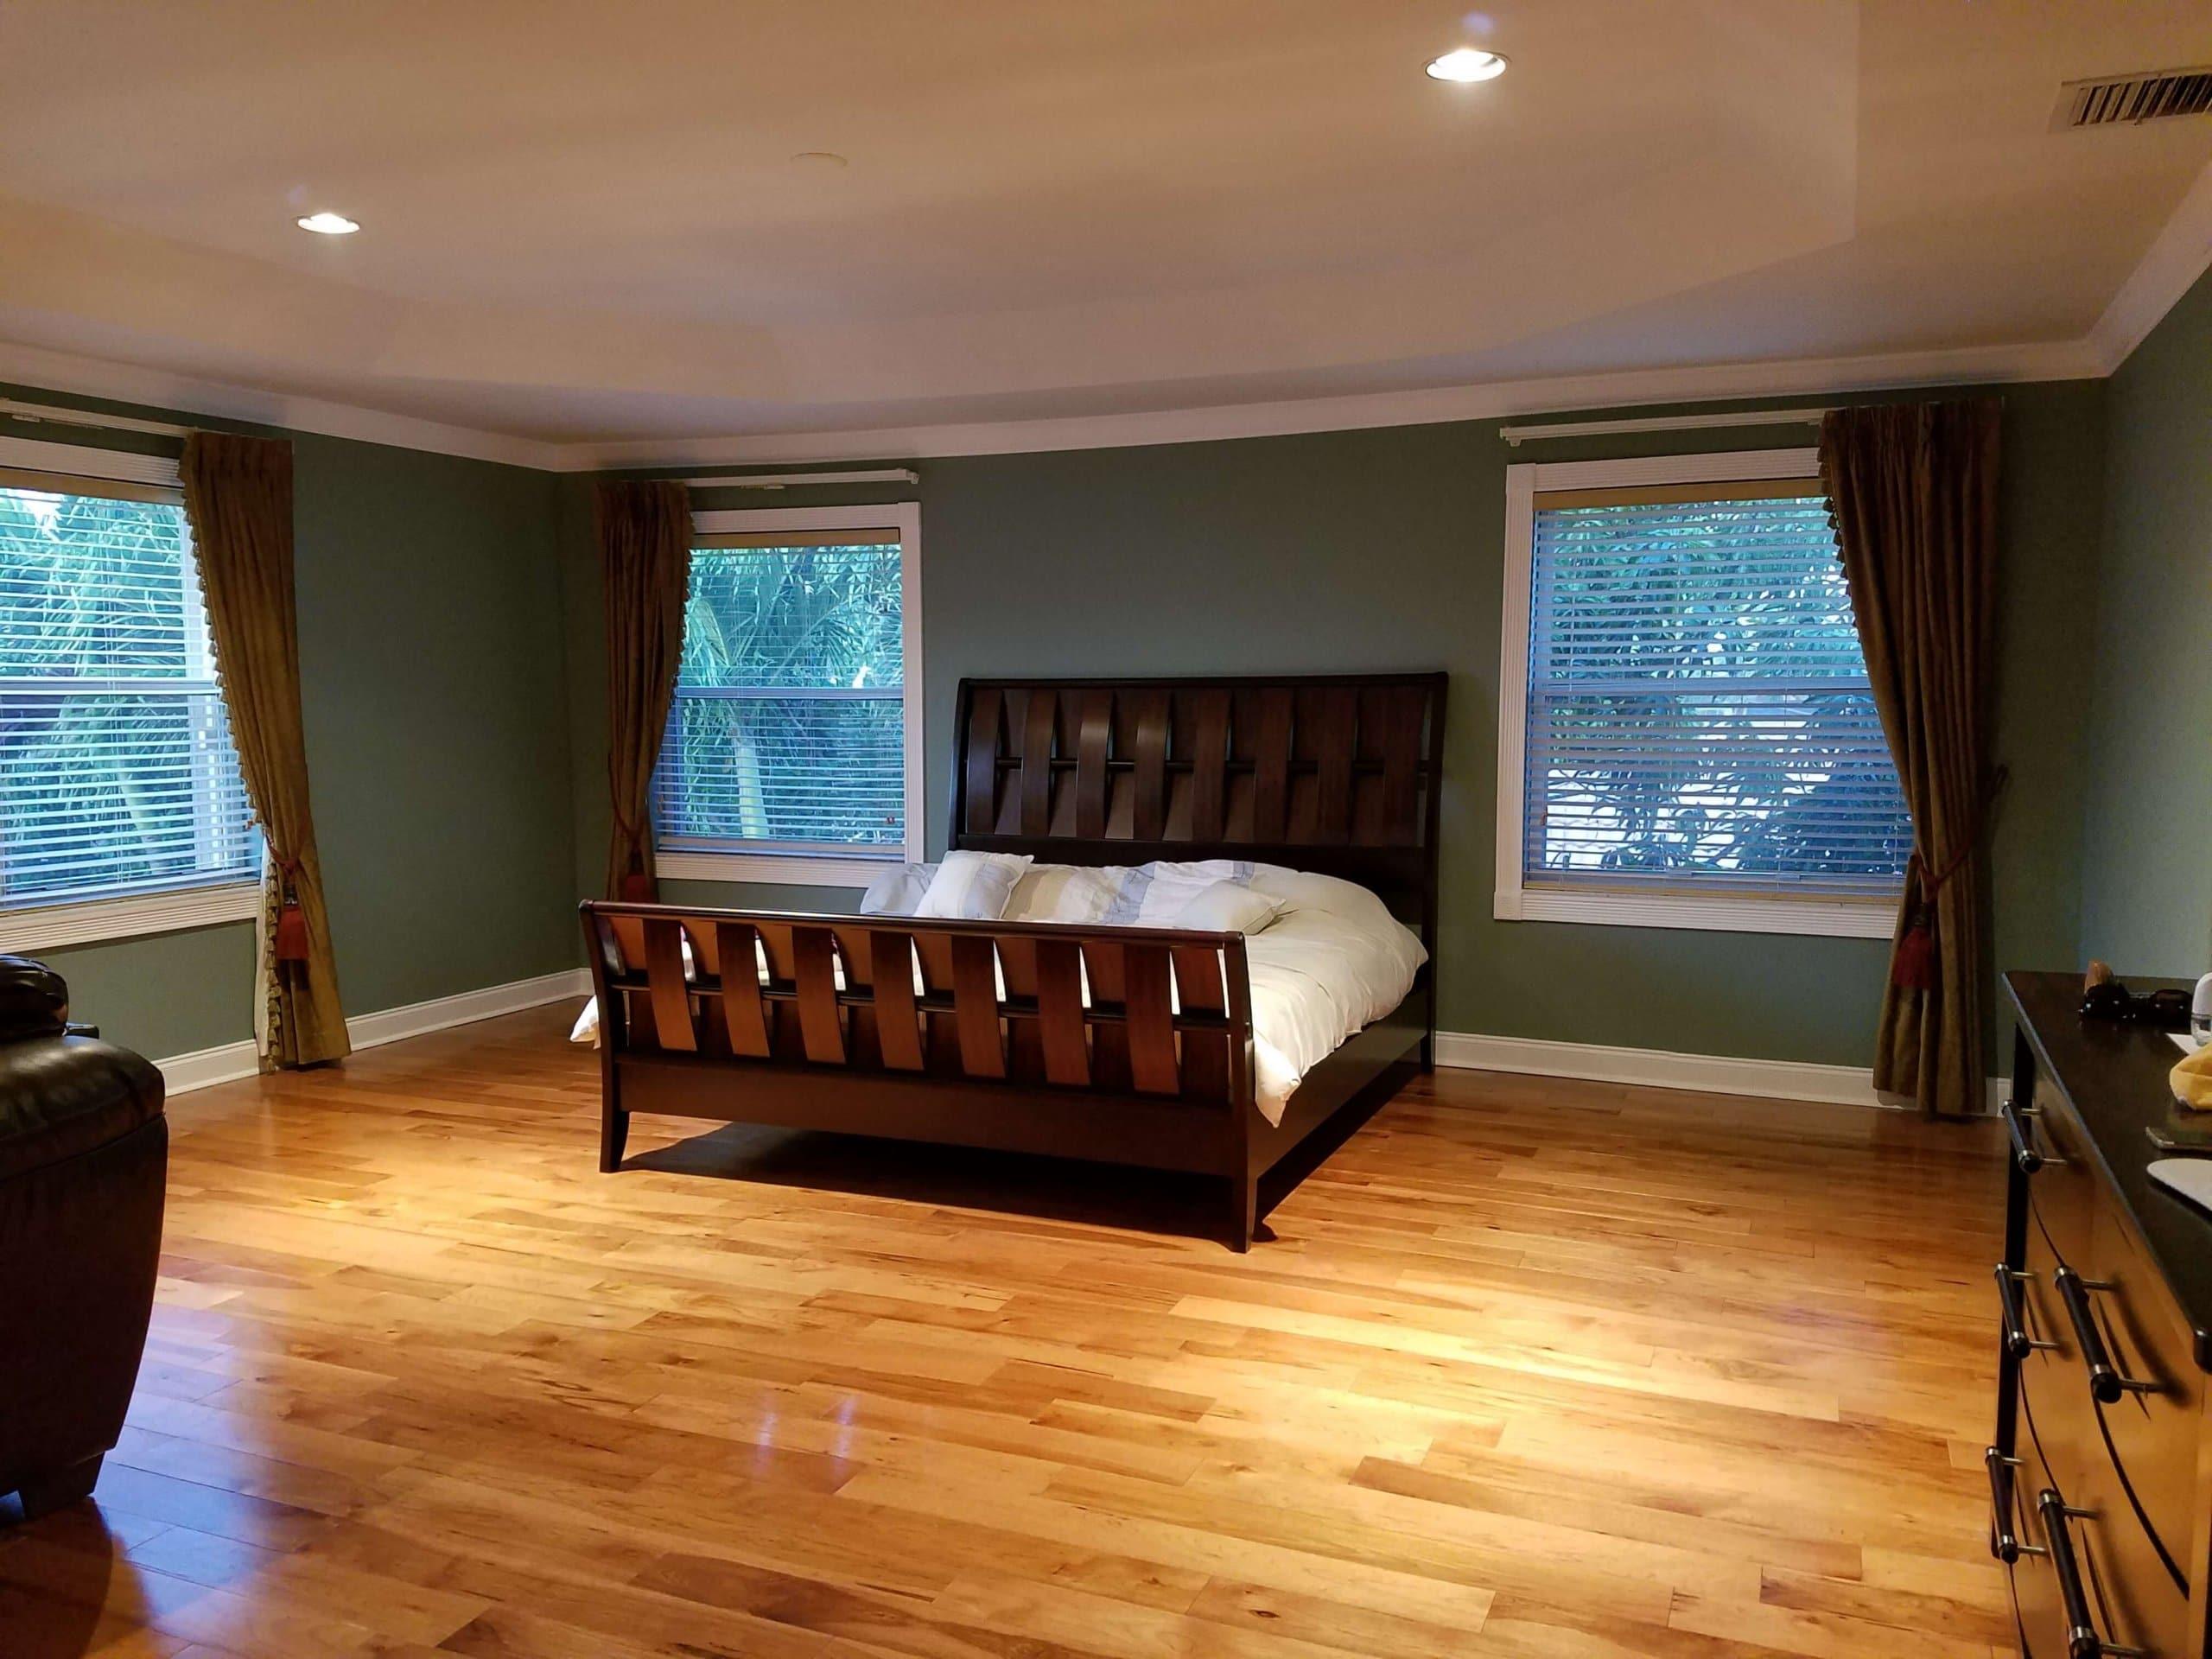 Modern wooden bedroom